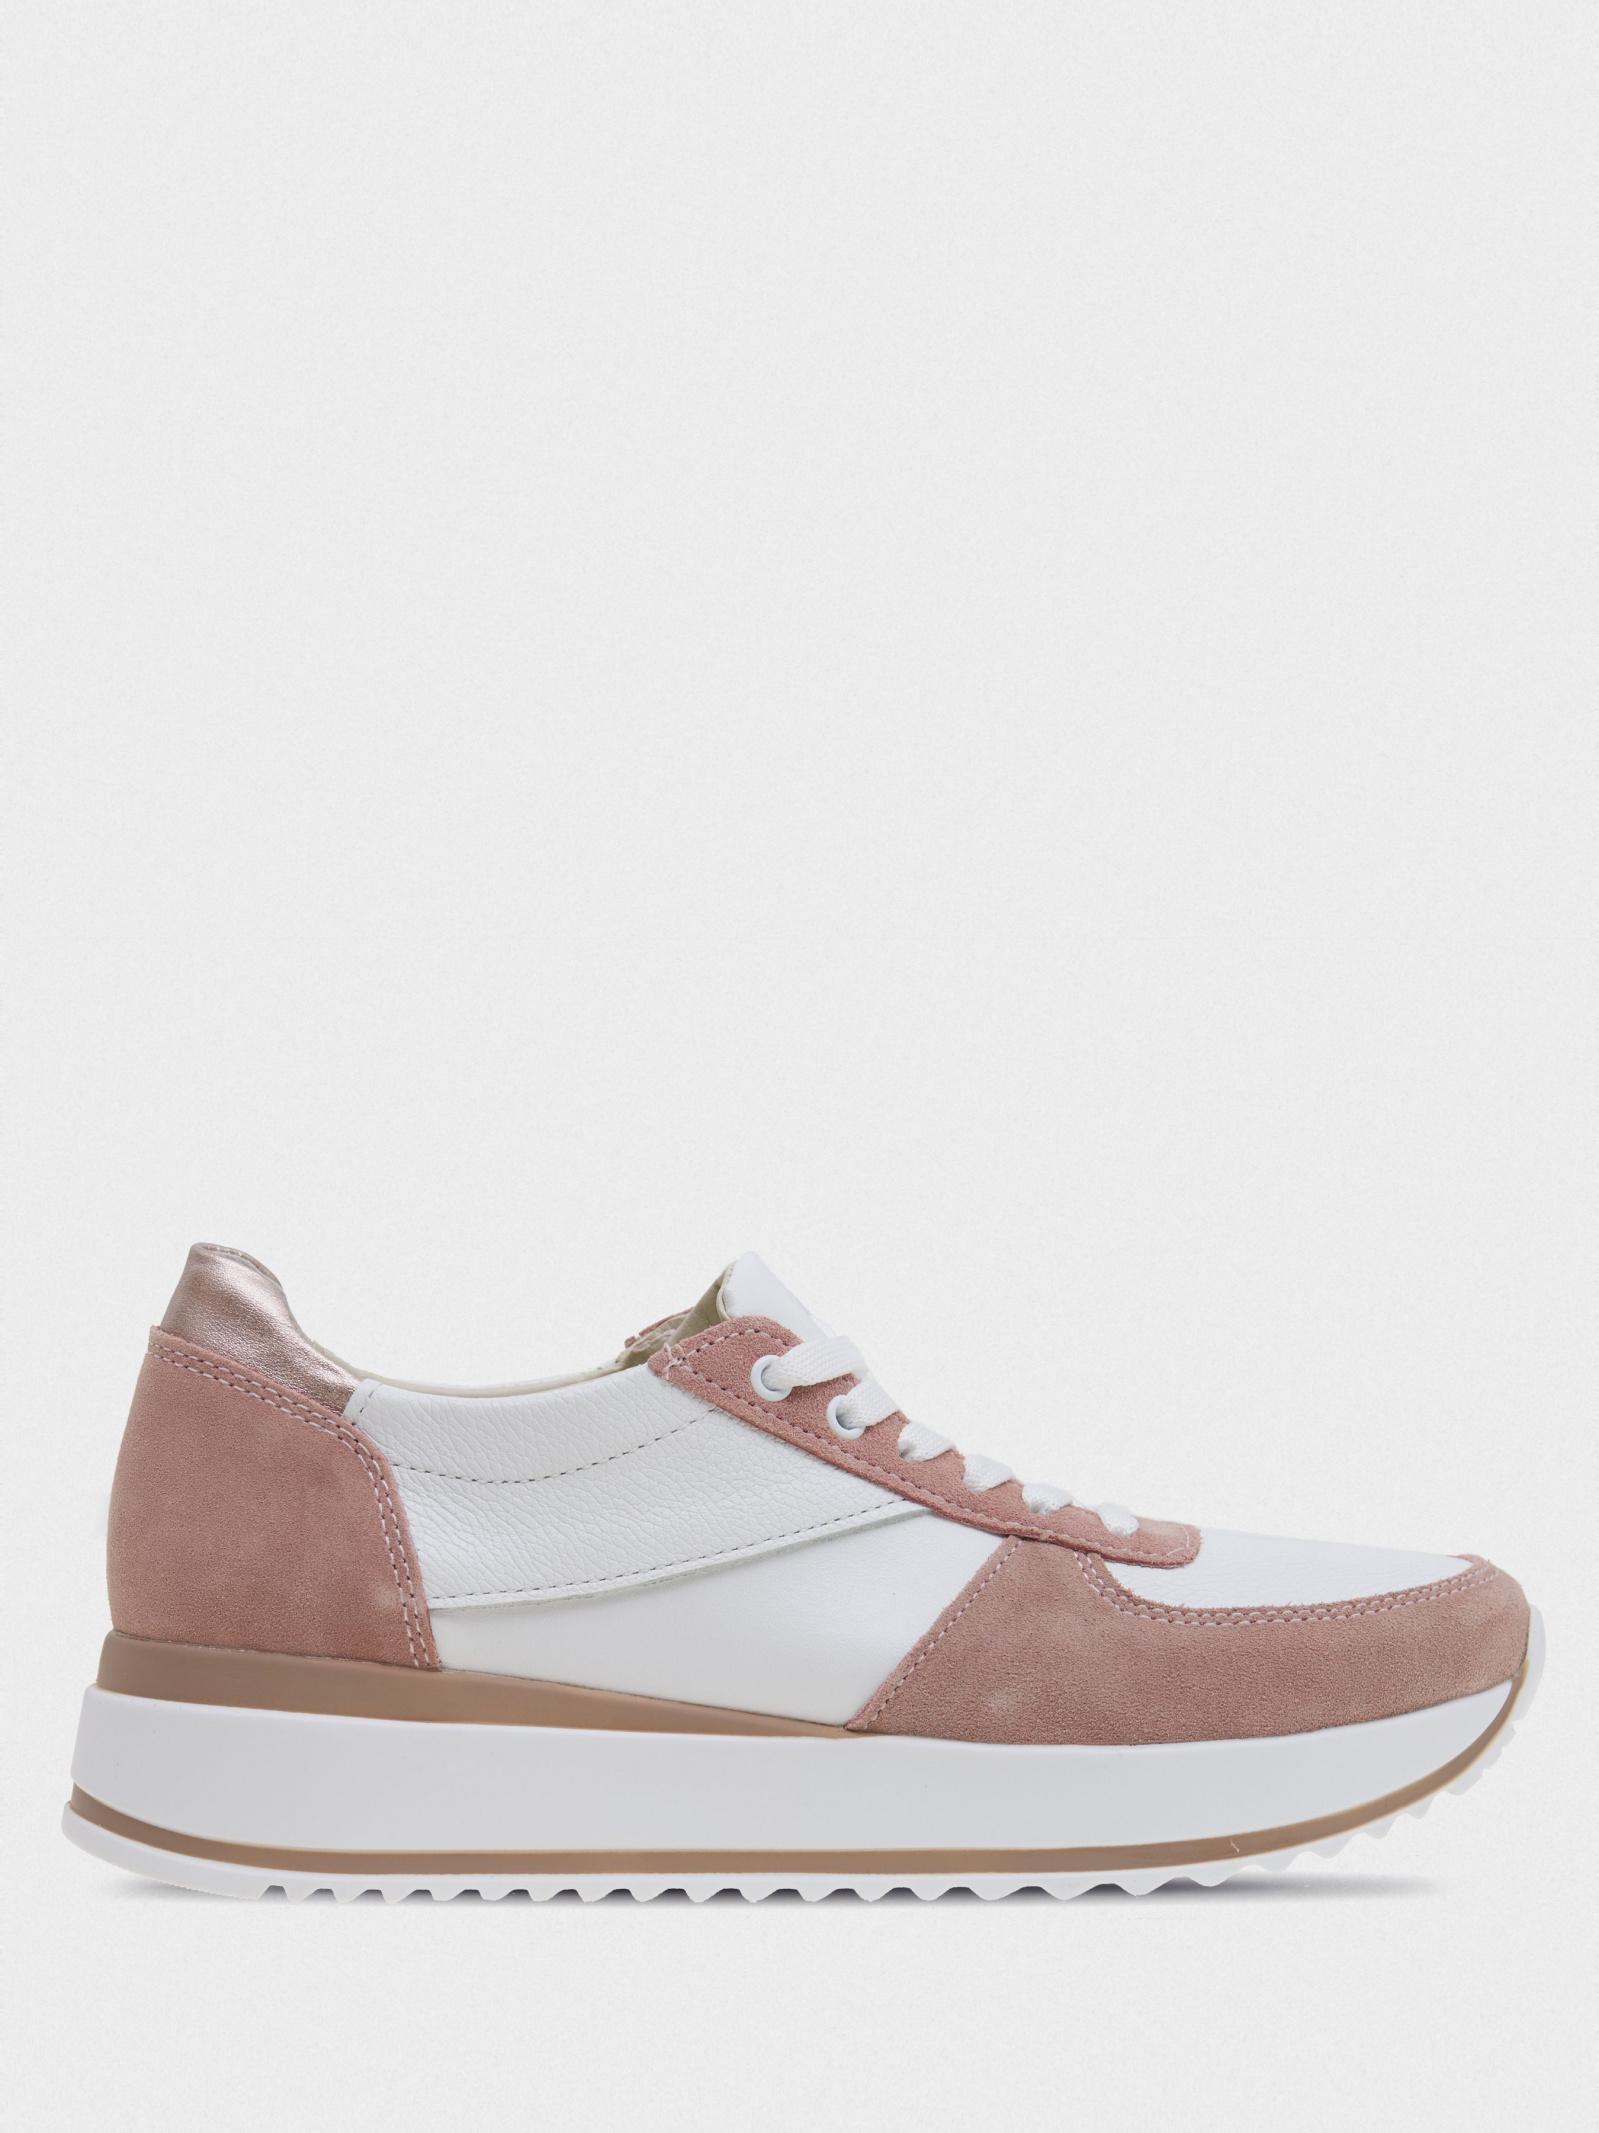 Кроссовки для женщин Torsion 0F12 размерная сетка обуви, 2017